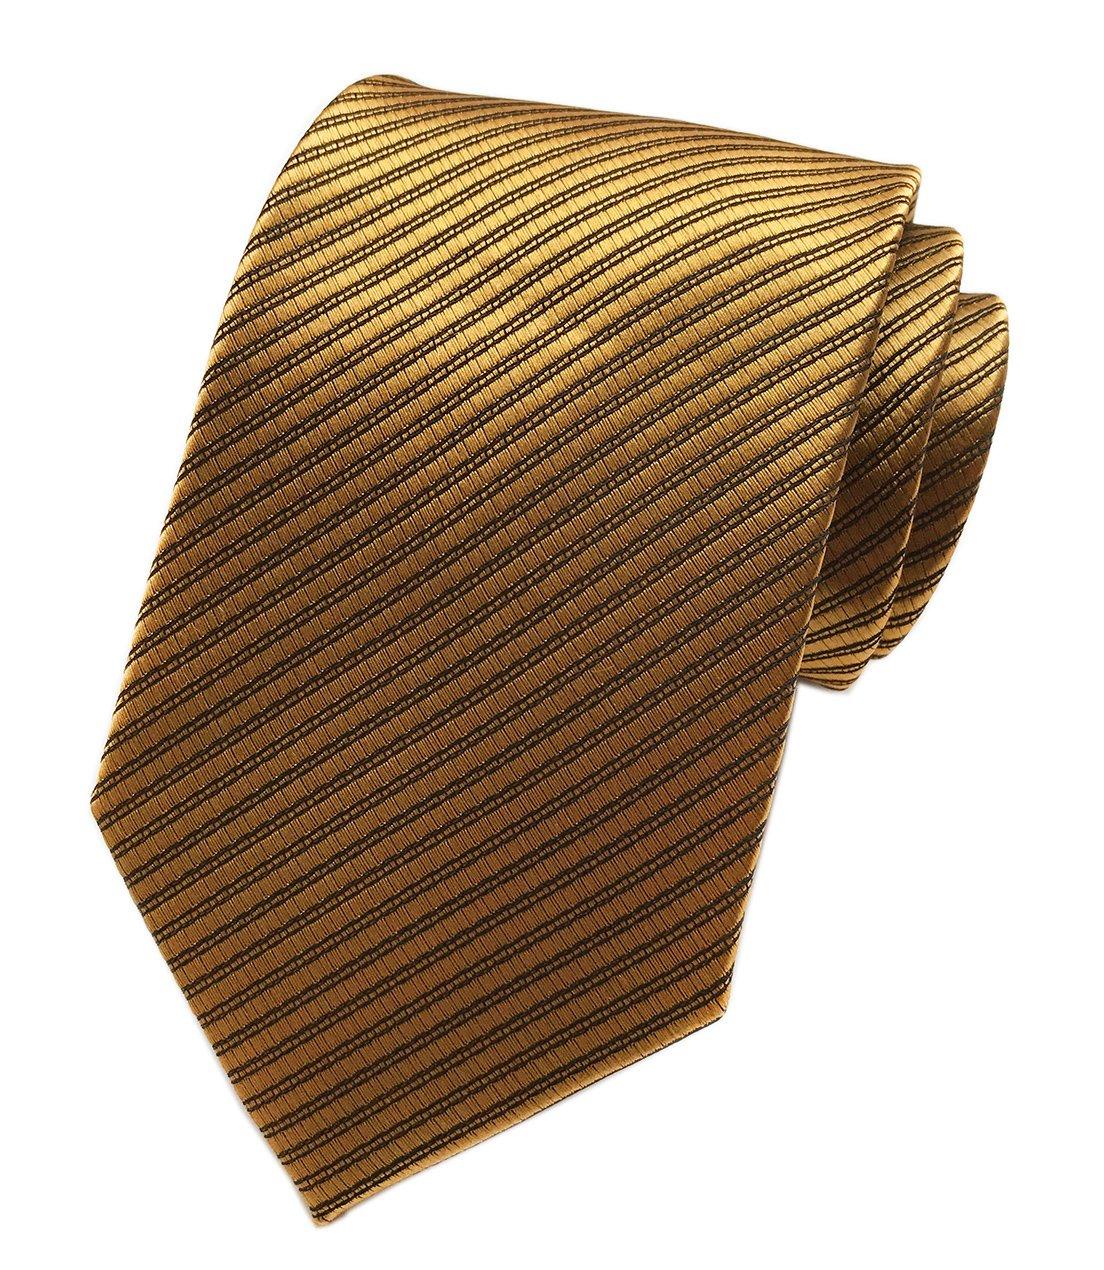 Elfeves Yellow Bronze Silk Tie Formal Dress Necktie Decent Holiday Gifts for men